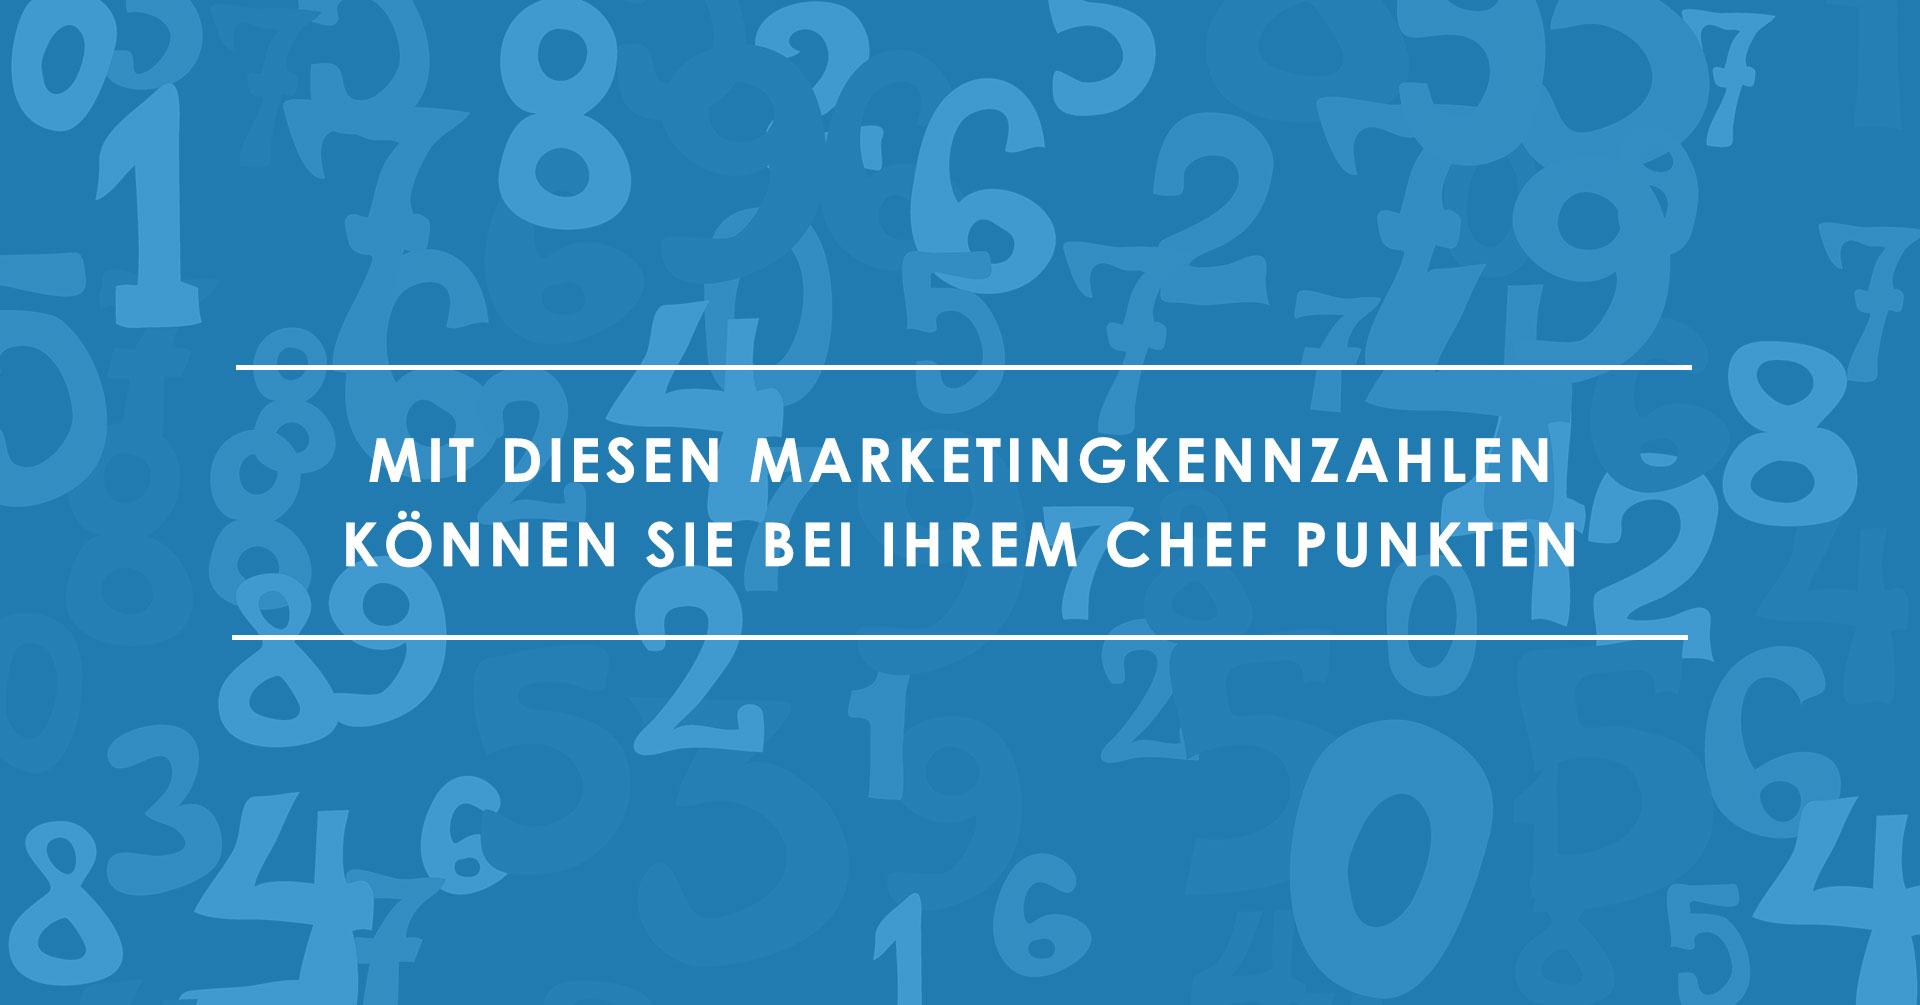 Der-unschlagbare-Wert-von-Marketingkennzahlen